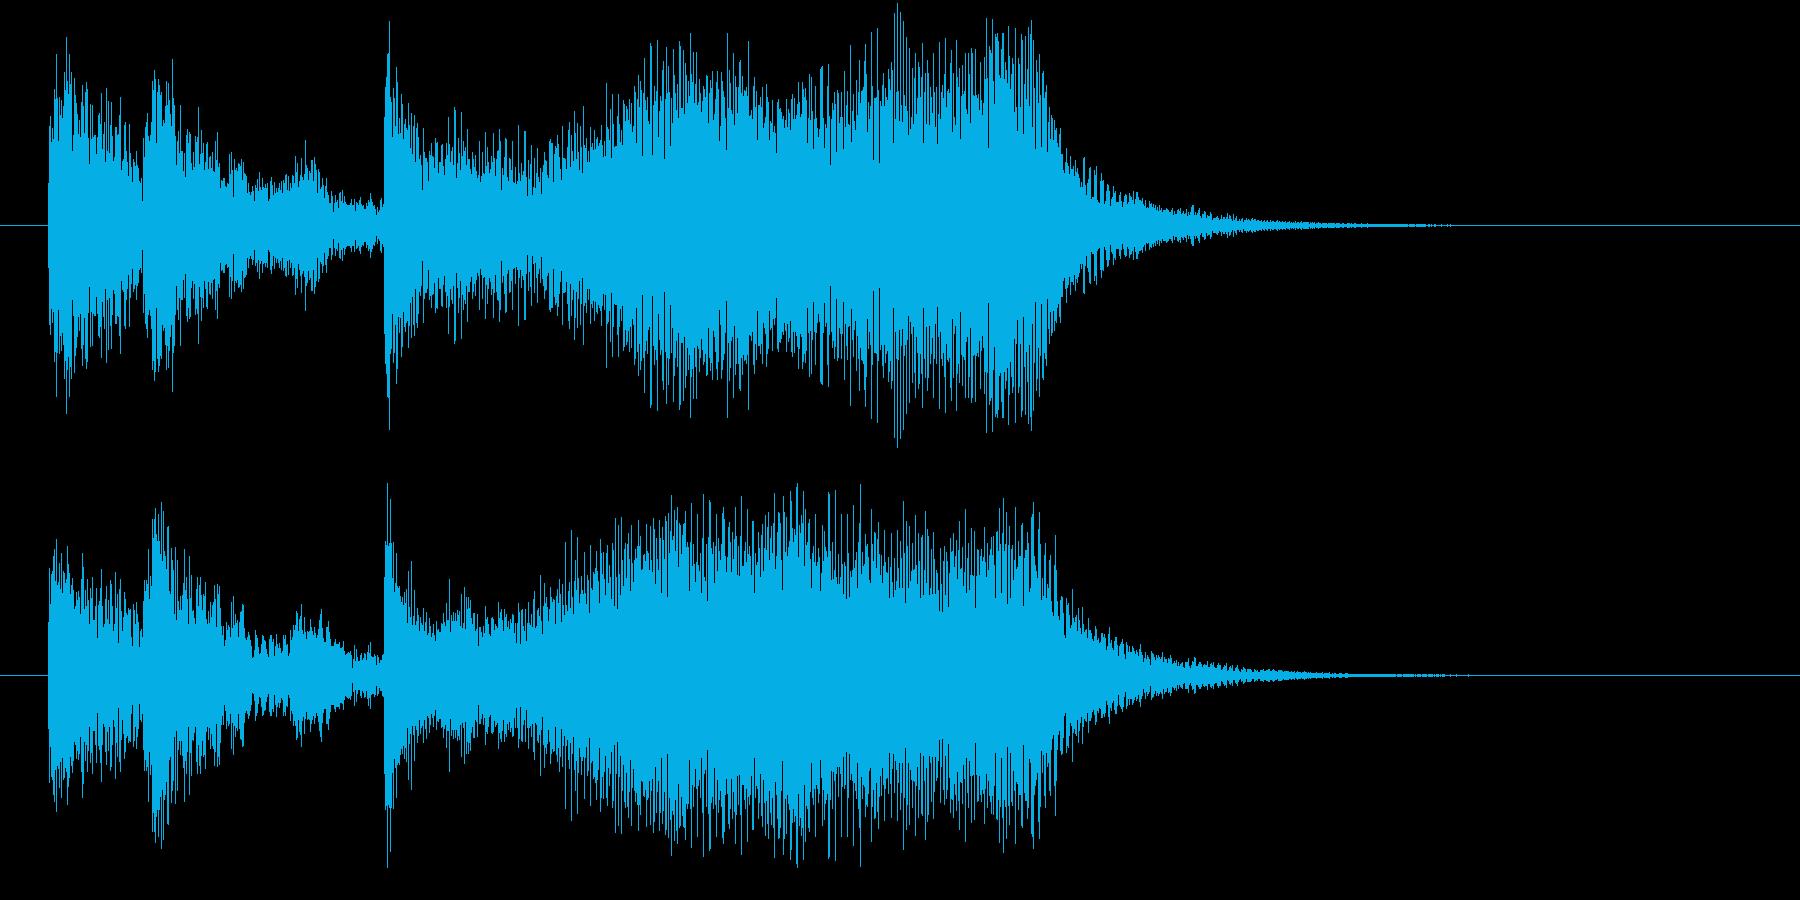 起動音 シンセサイザー&ストリングスの再生済みの波形